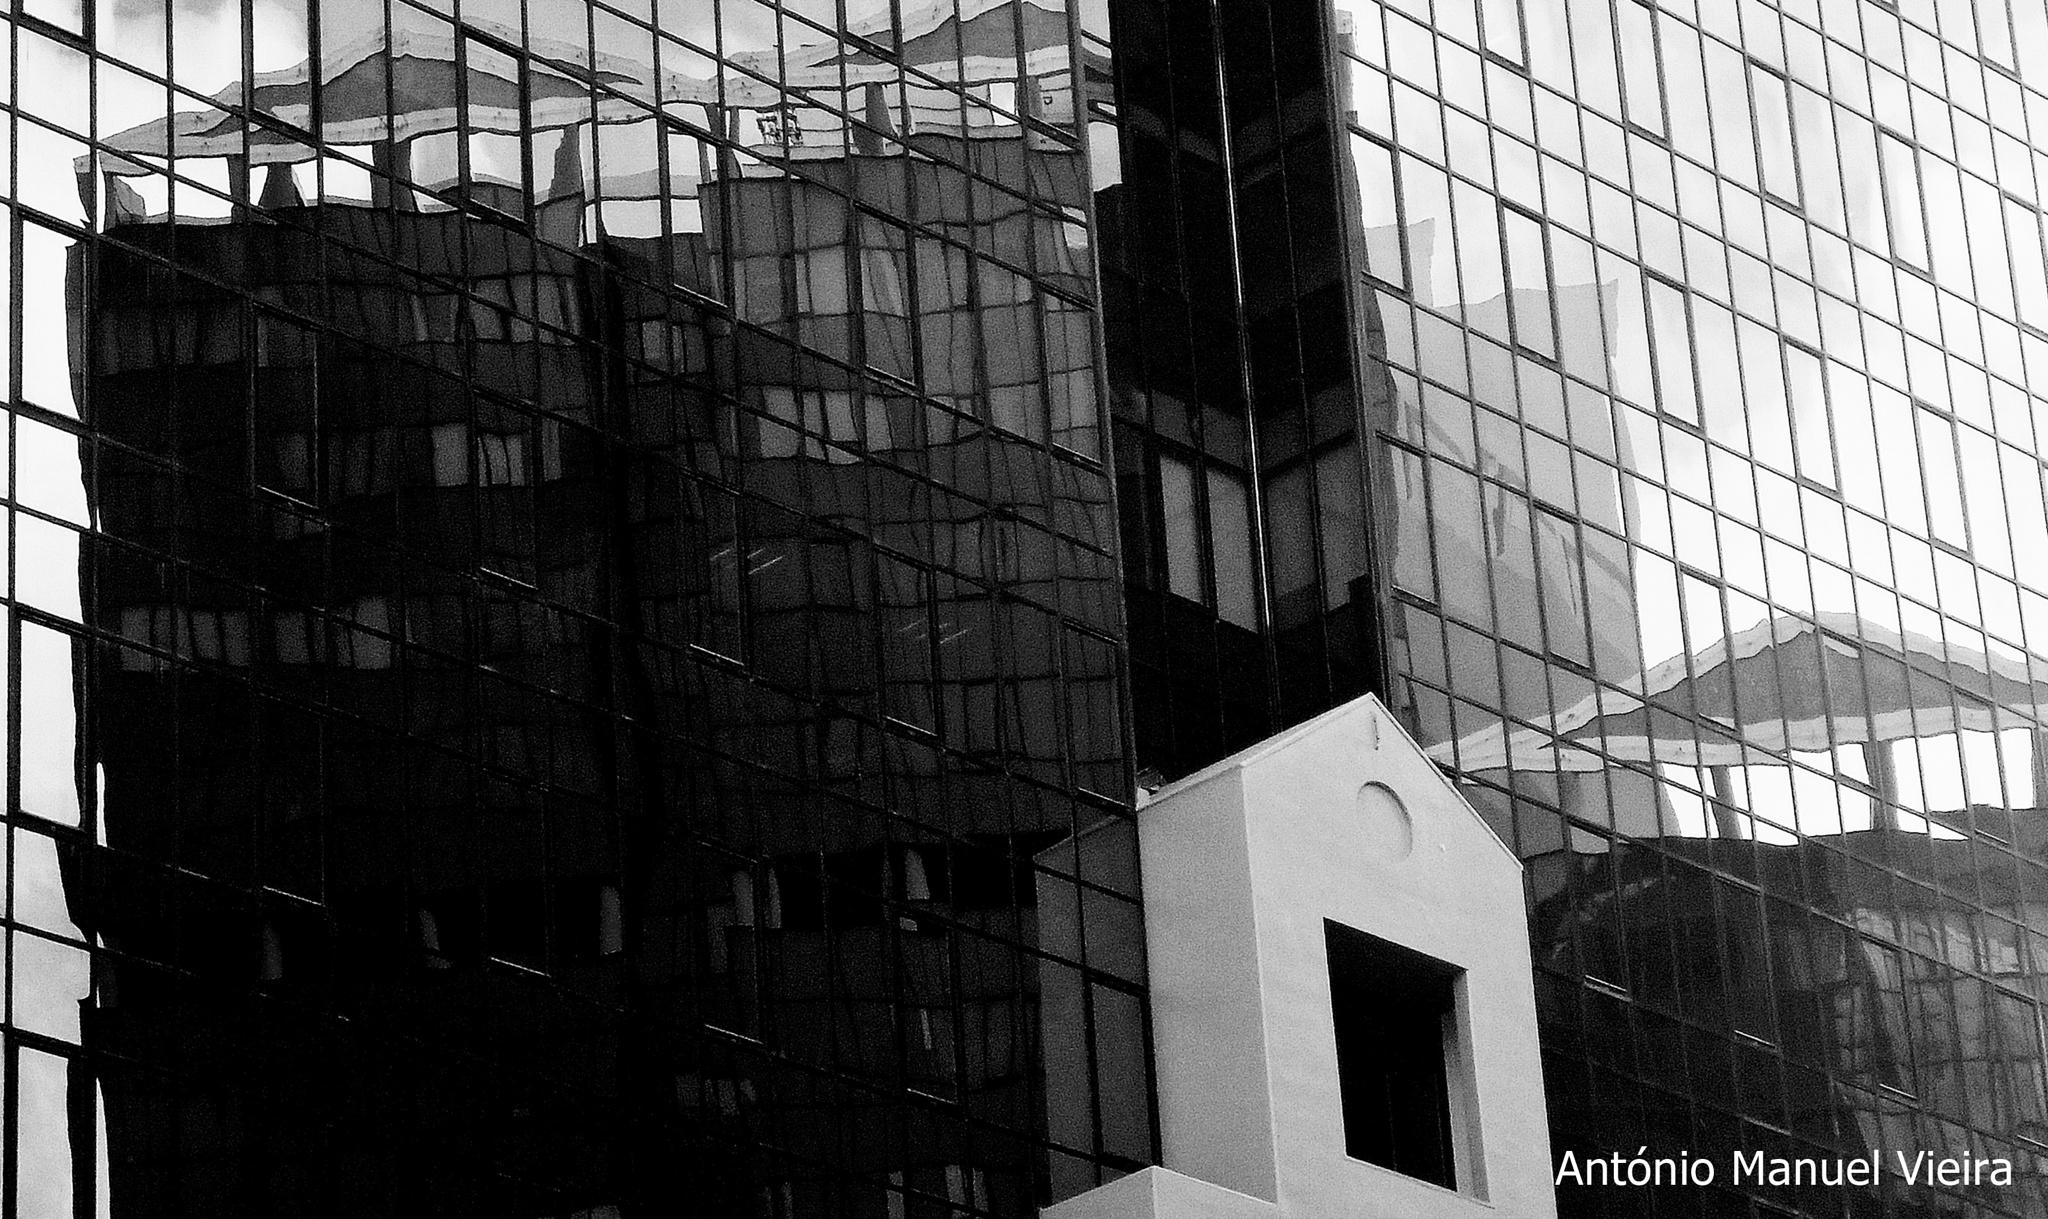 O Reflexo da Arquitectura by Antoniocvieira